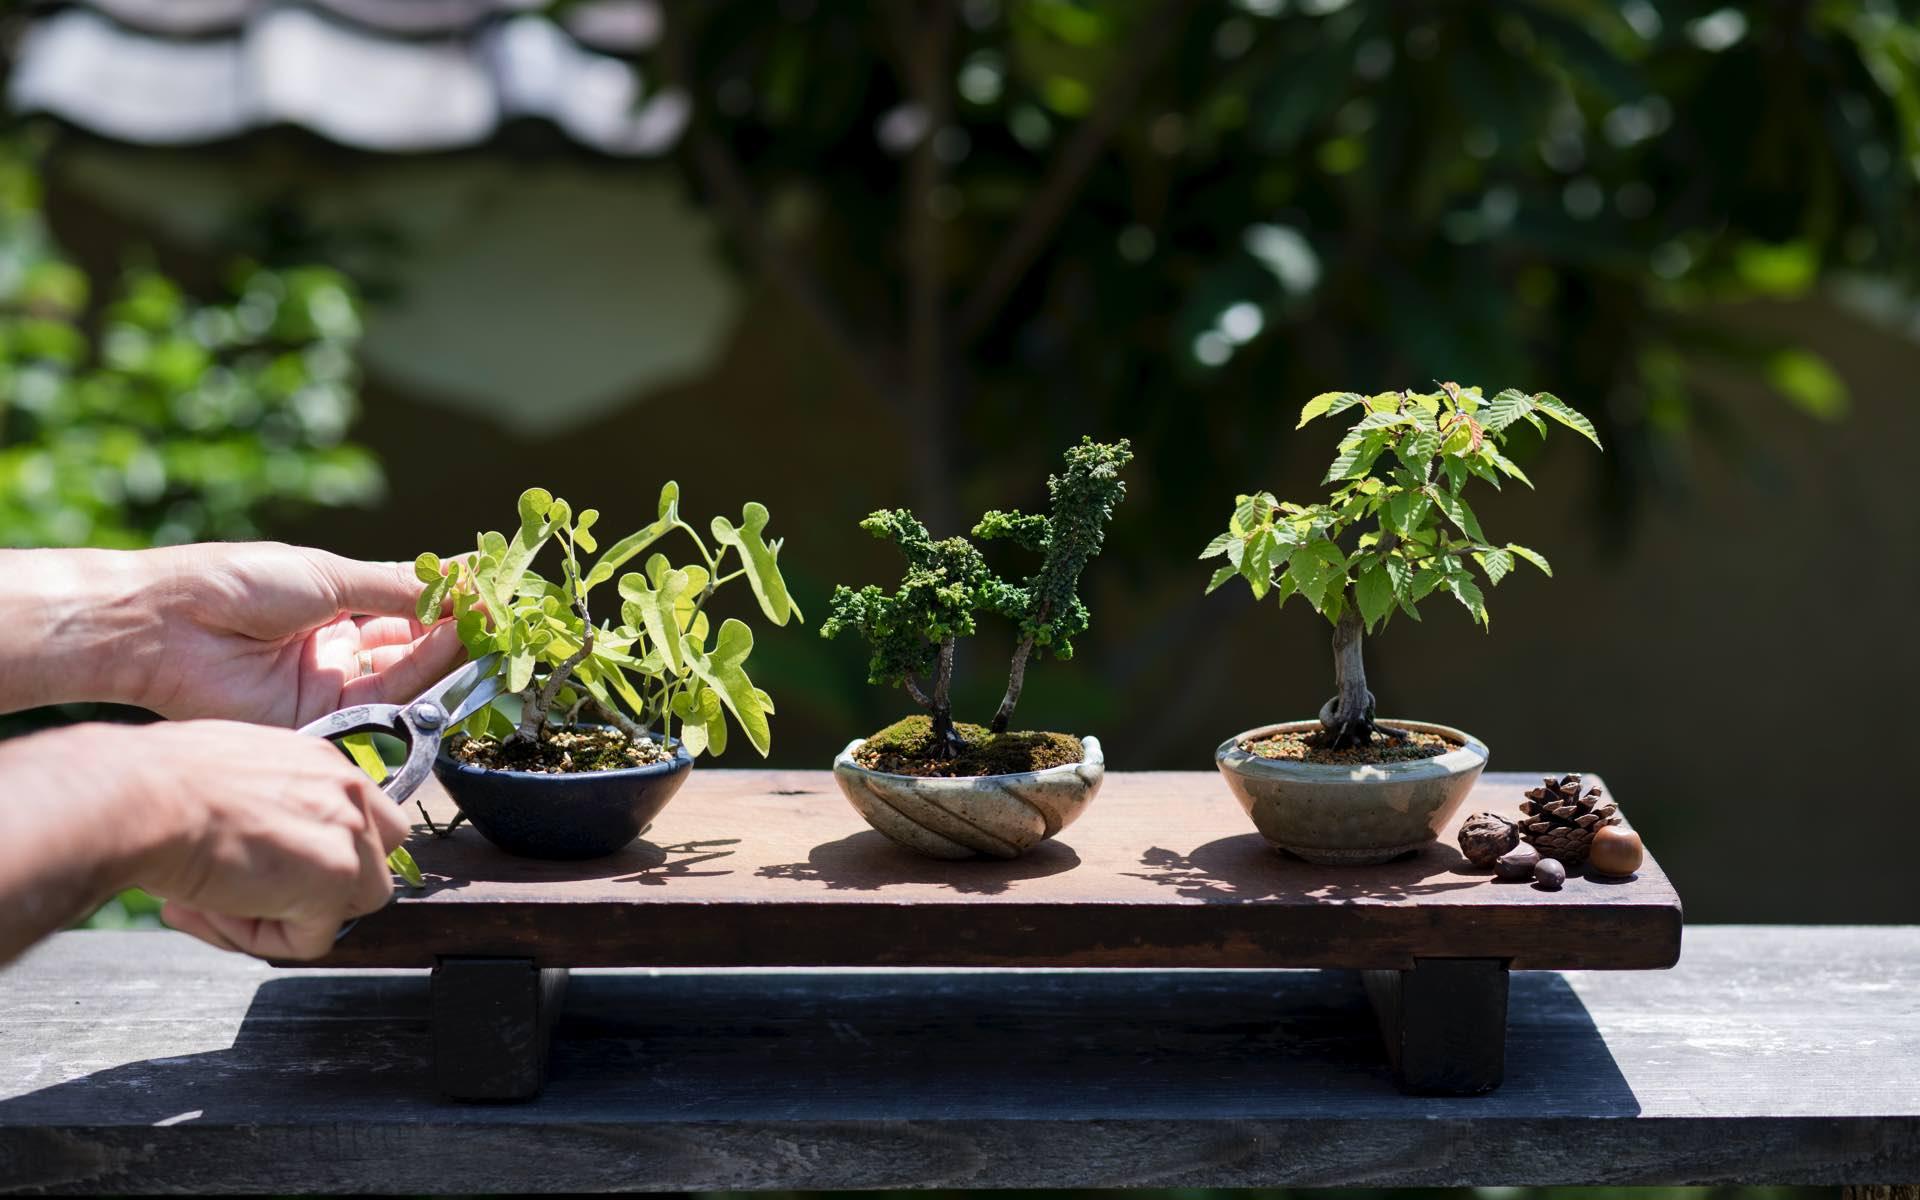 自分好みのひと鉢を作ろう。「自由な盆栽」を目指す塩津植物研究所へ